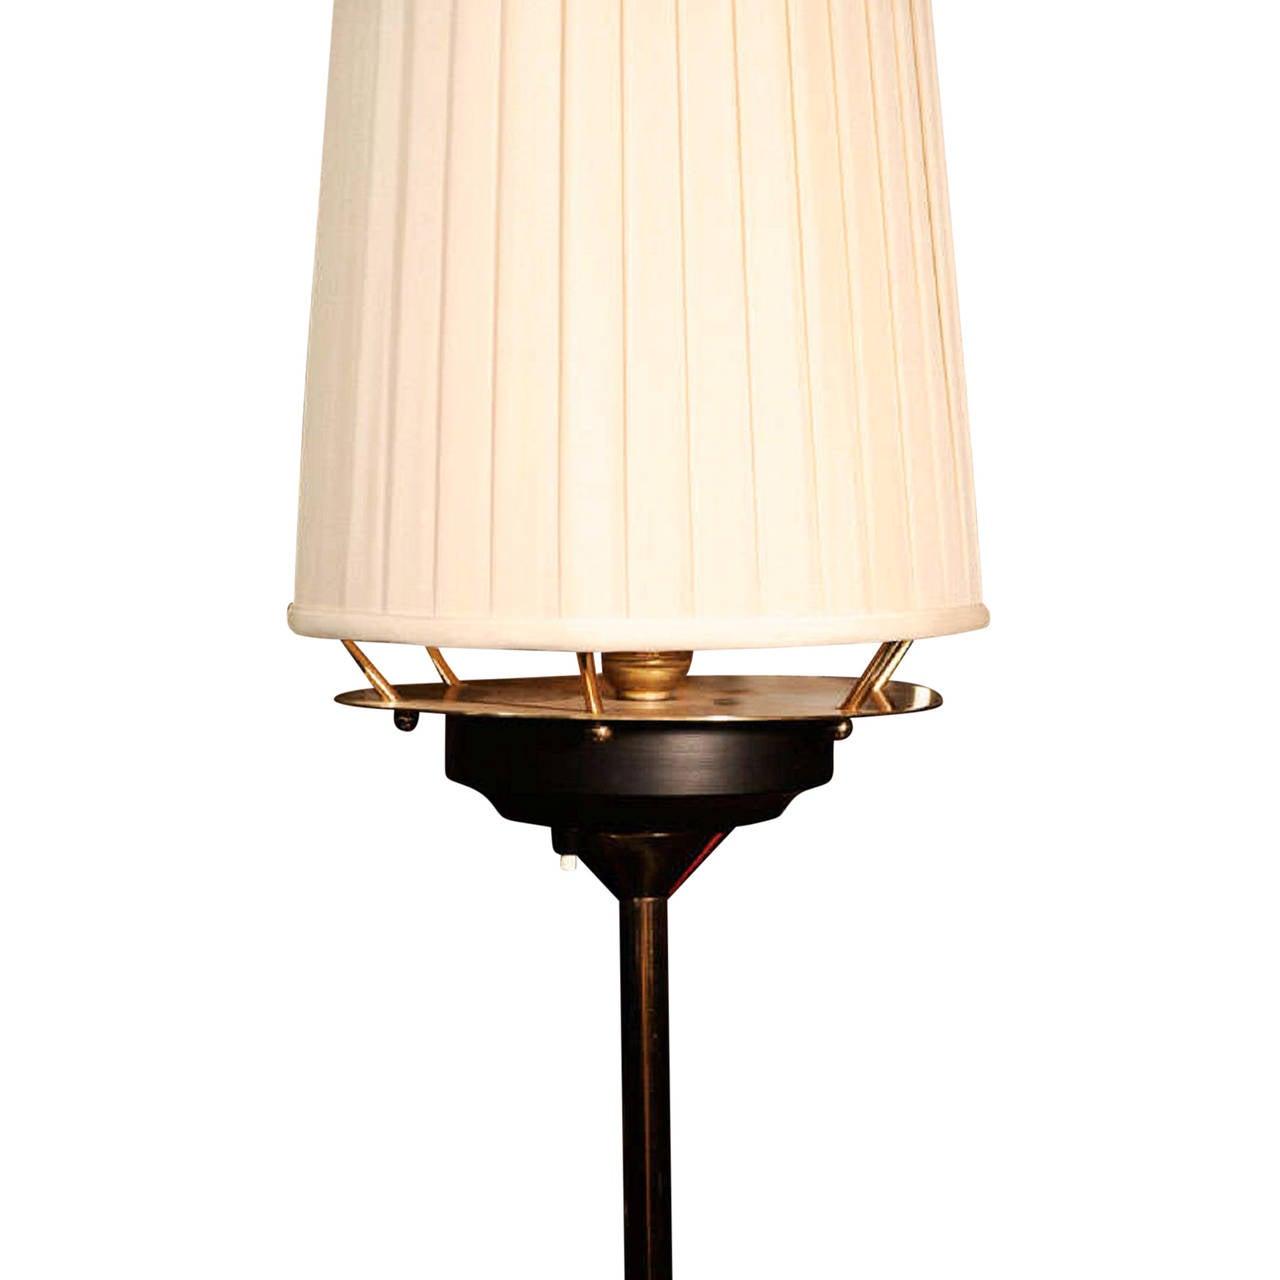 bronze floor lamp with flower base german 1950s for sale. Black Bedroom Furniture Sets. Home Design Ideas